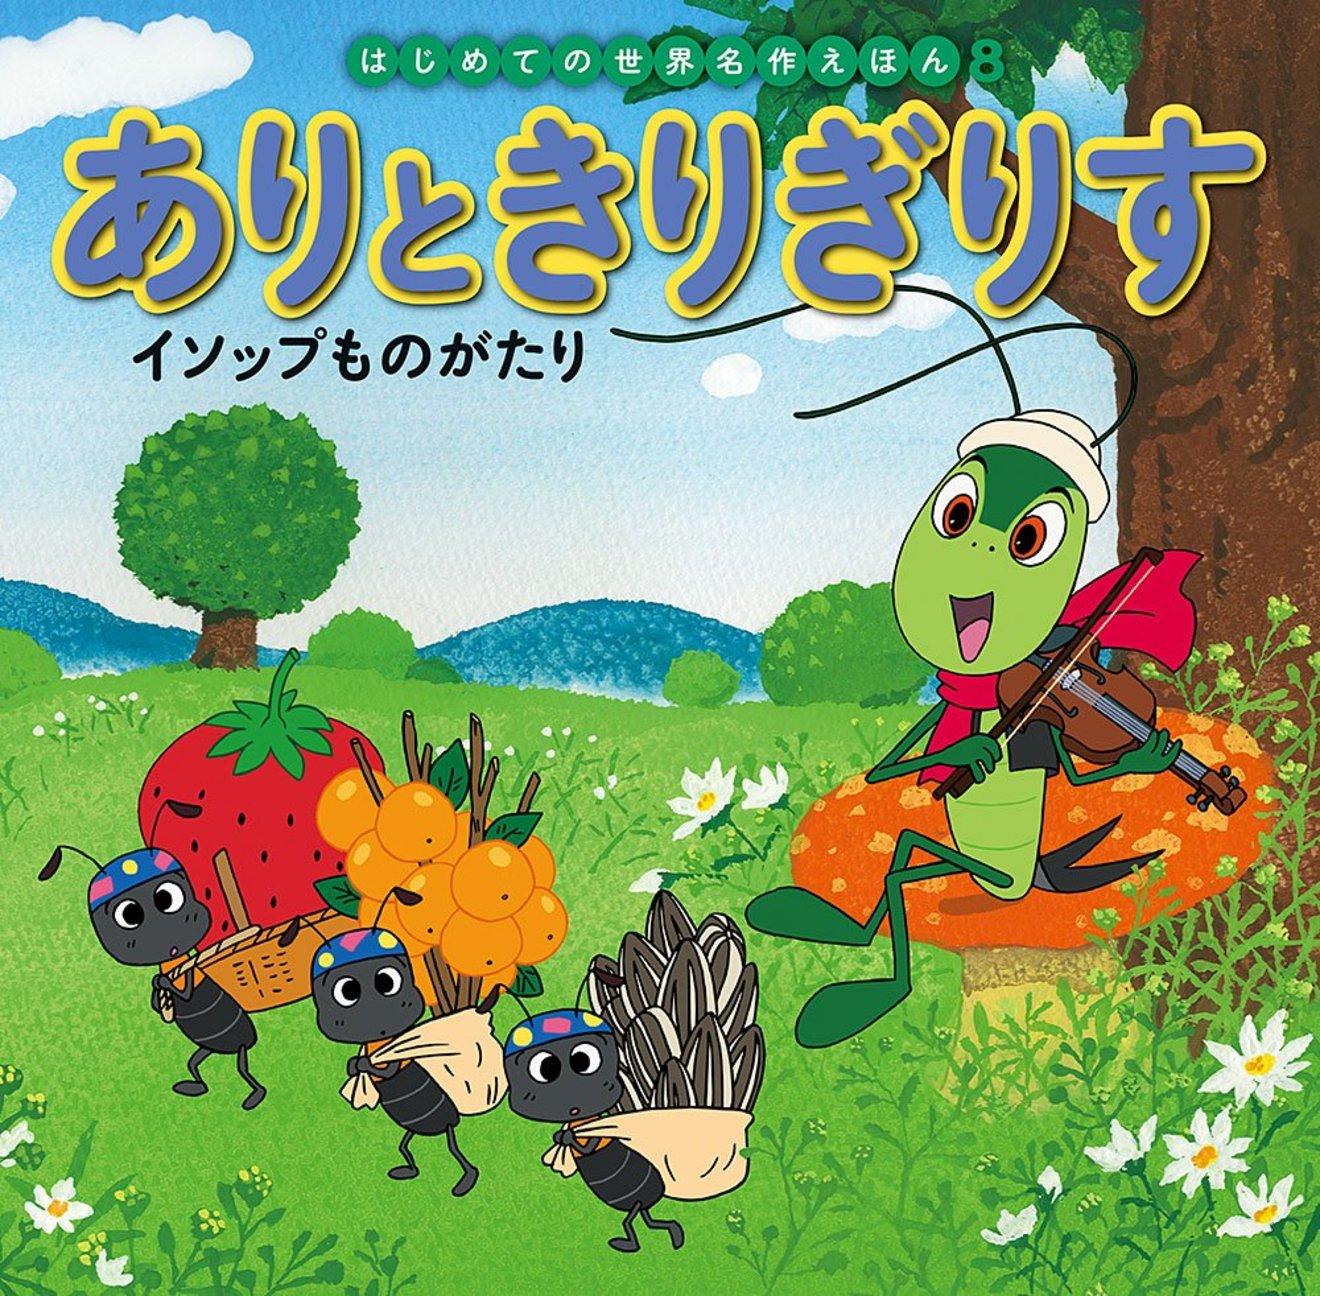 童話「アリとキリギリス」から読み取る解釈。3つの結末とともに考察!